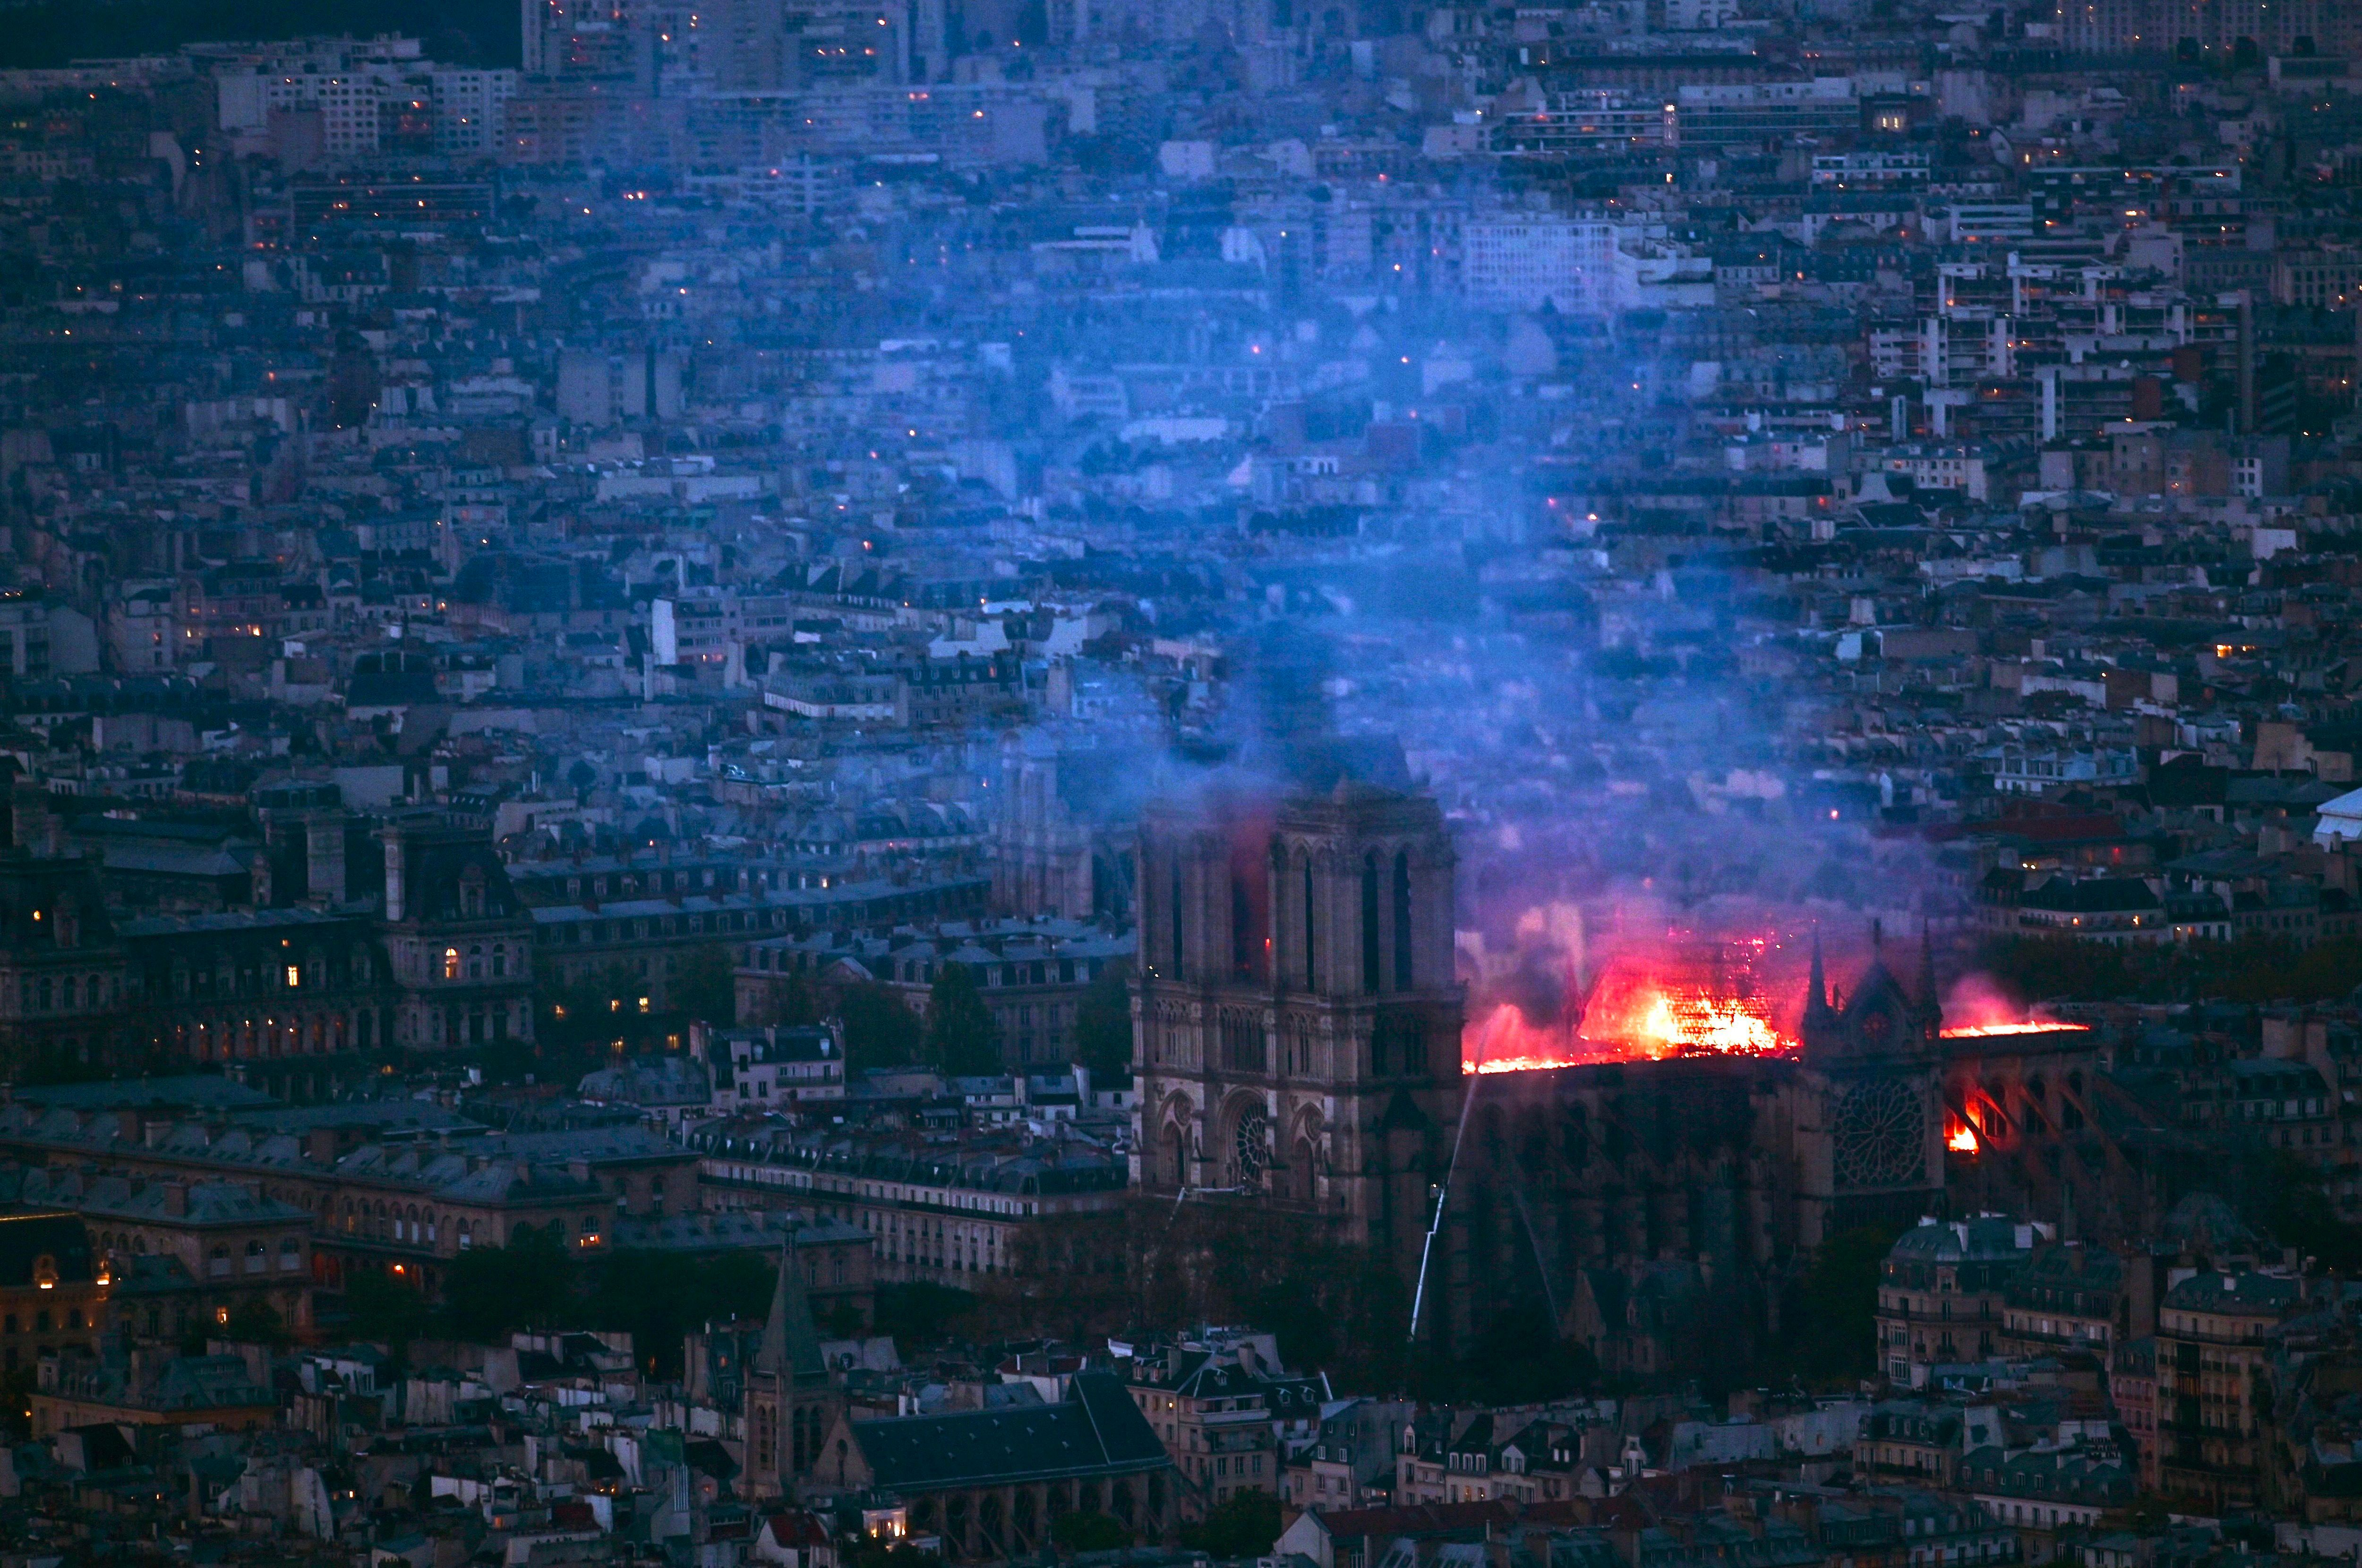 Donald Trump indigna al mundo con su tuit sobre el incendio de Notre